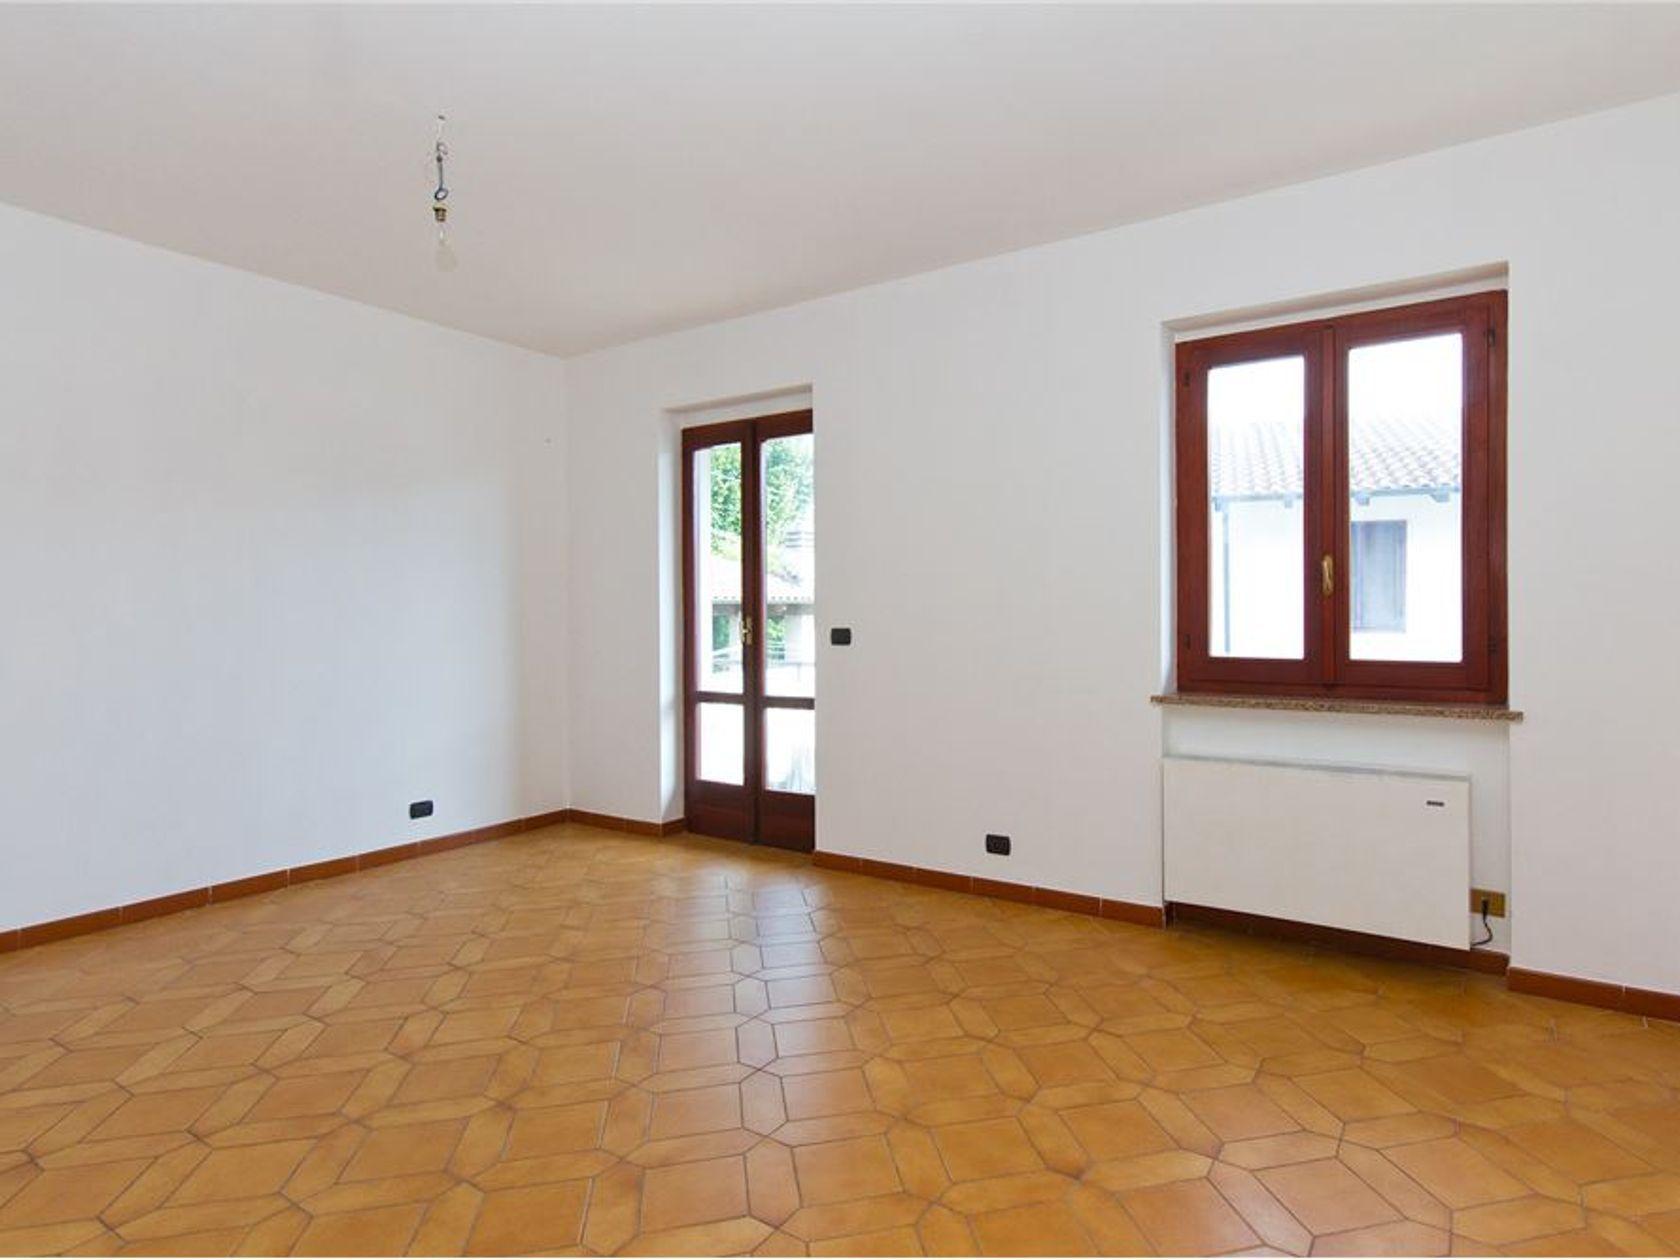 Appartamento Rosta, TO Vendita - Foto 3